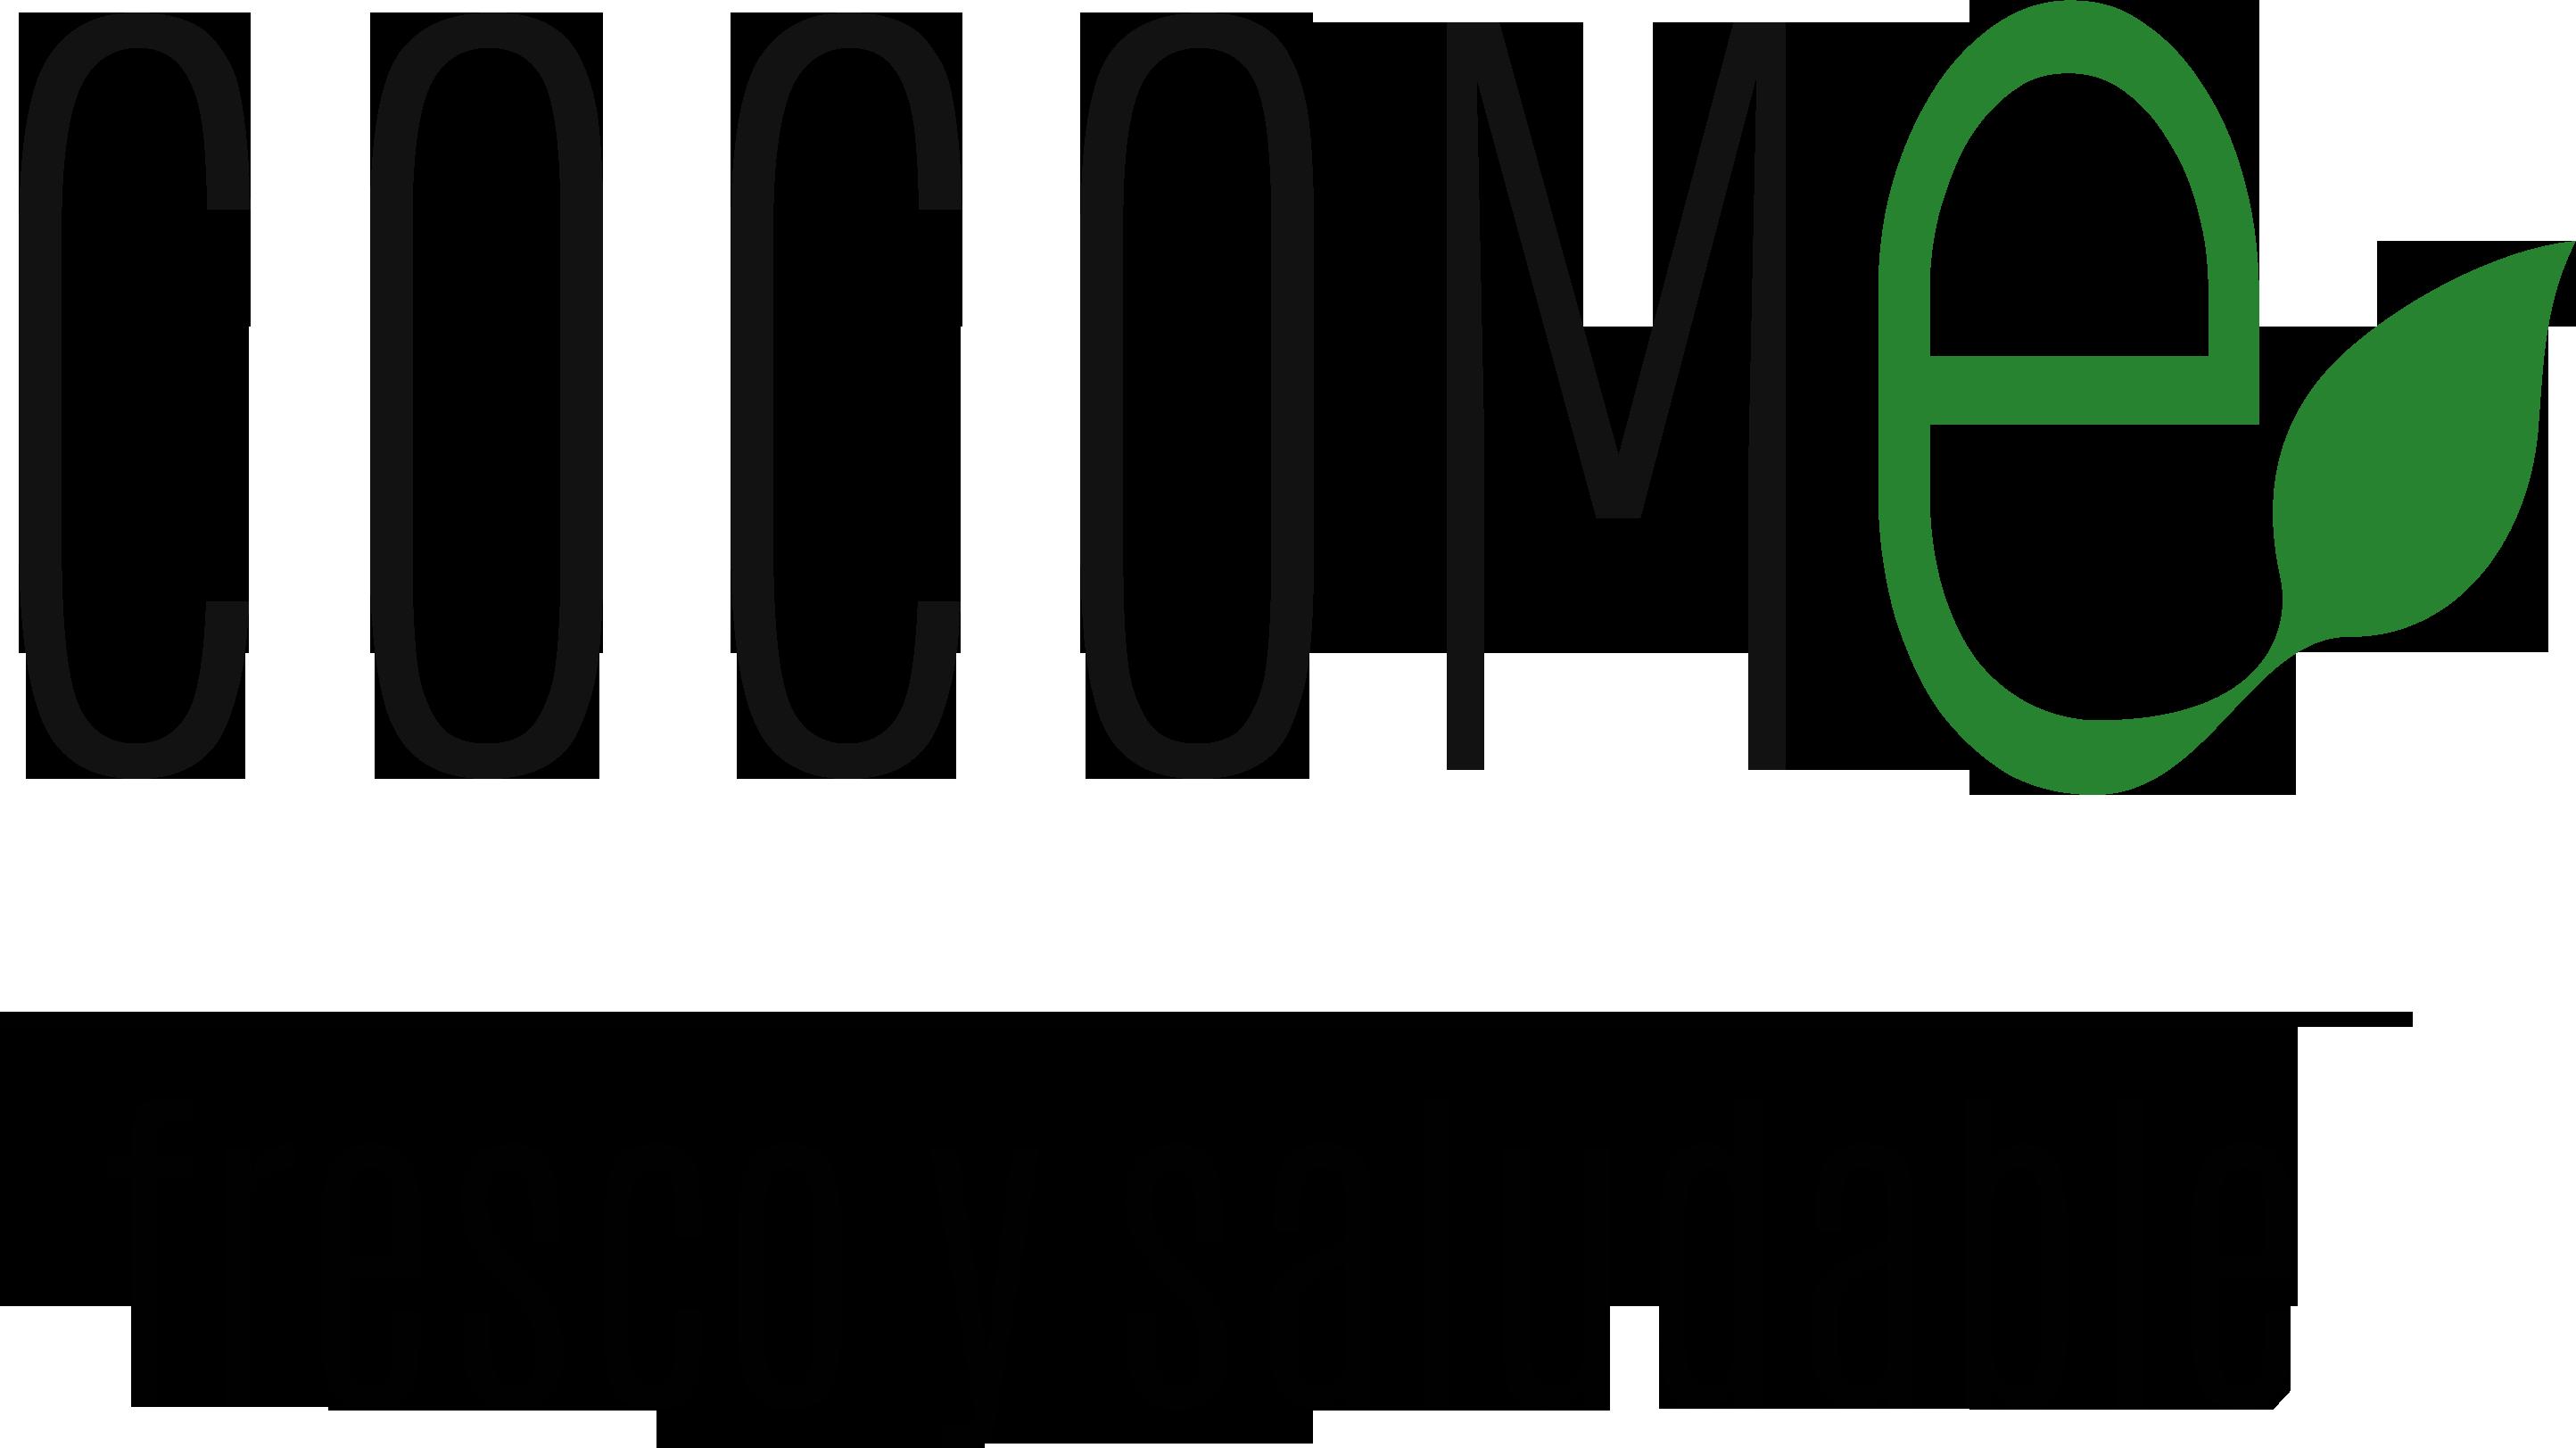 20171002 Logo Cocome VERDE2